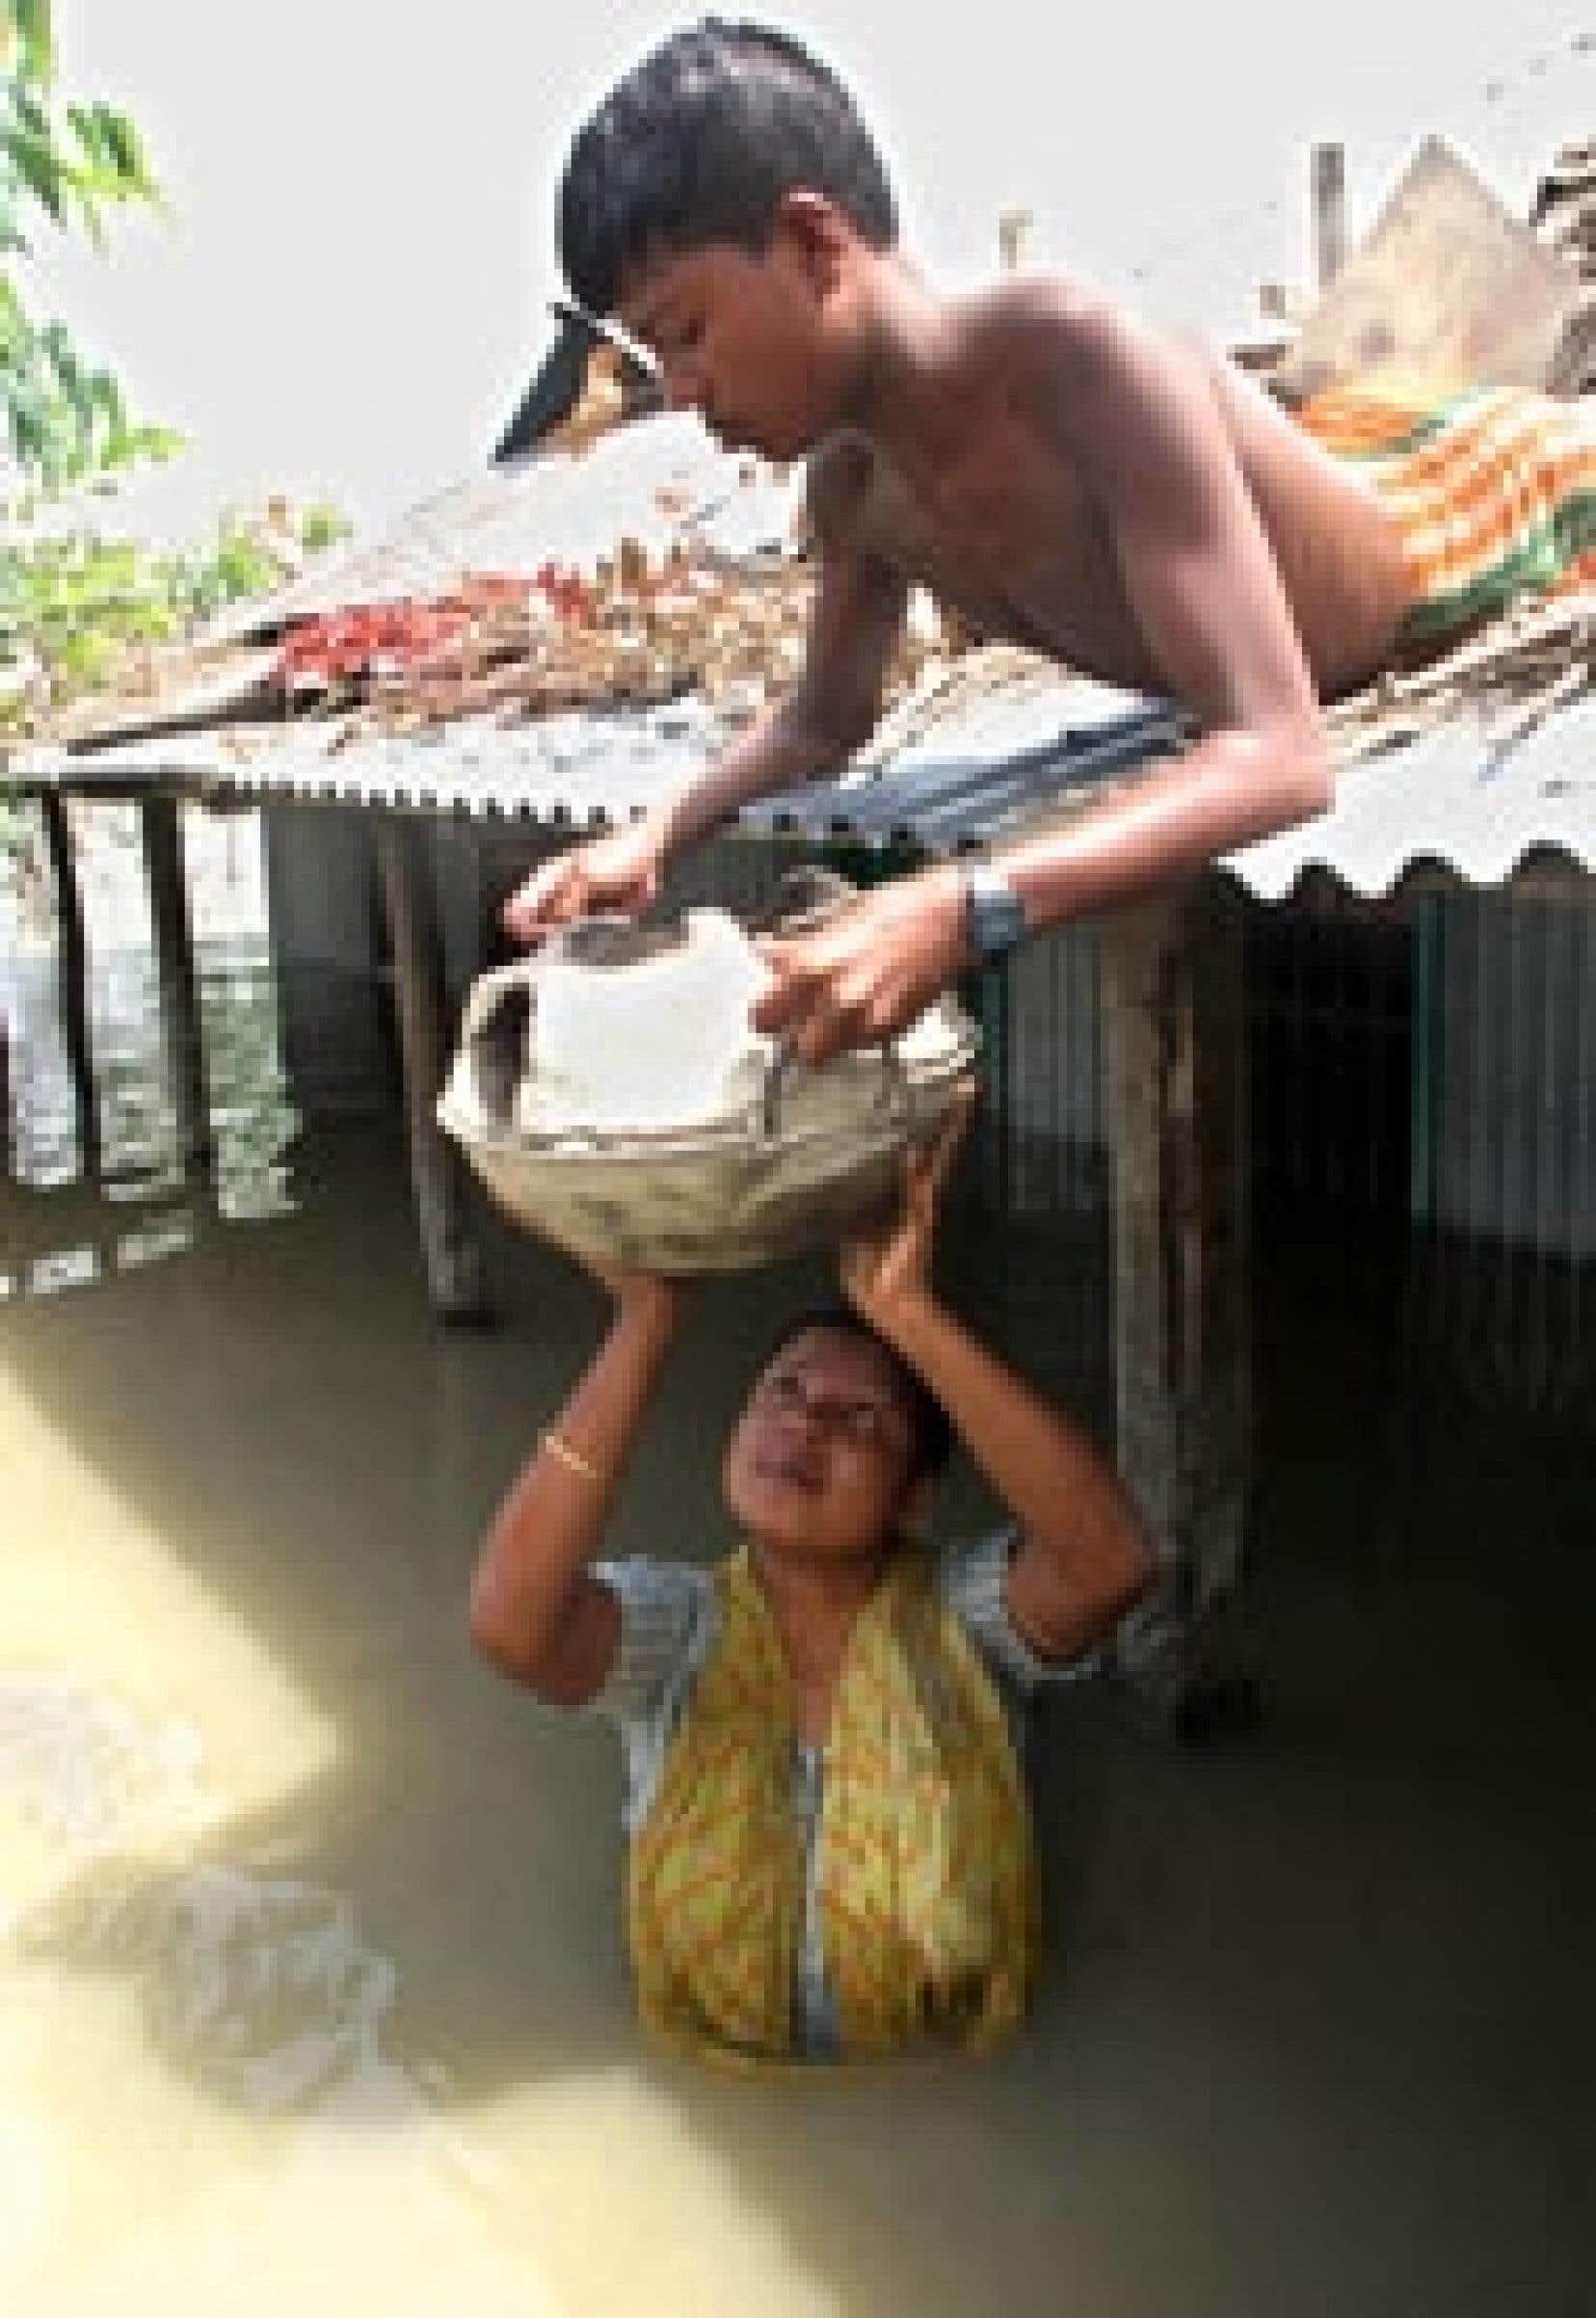 Quand la maison est inondée et qu'il faut se nourrir coûte que coûte, quoi de plus vital que de sauver la marmite et tout ce qui permet de cuisiner, comme le font ici ces deux habitants du Bangladesh.